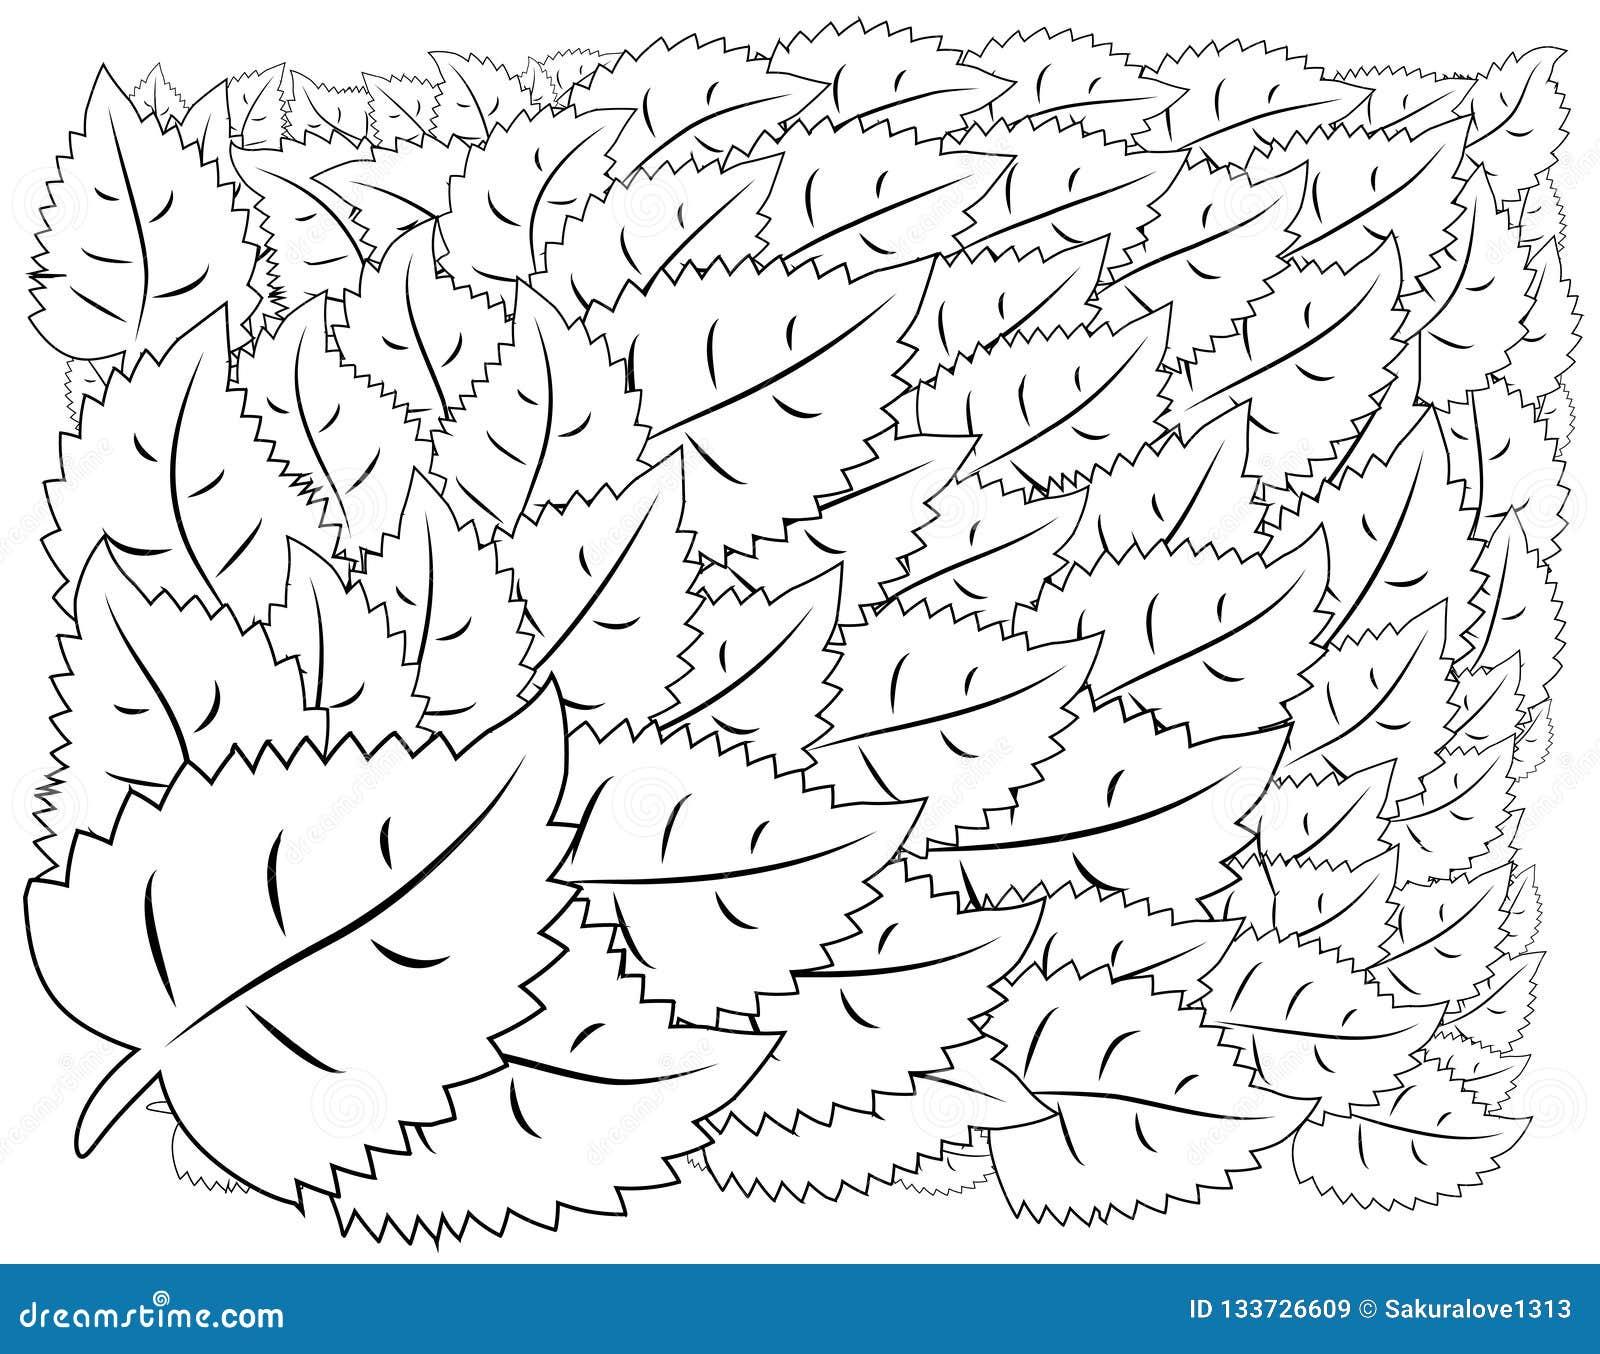 Illustratie zentangl Bloemkader voor foto Kleurend boek Antistress voor volwassenen en kinderen Rebecca 36